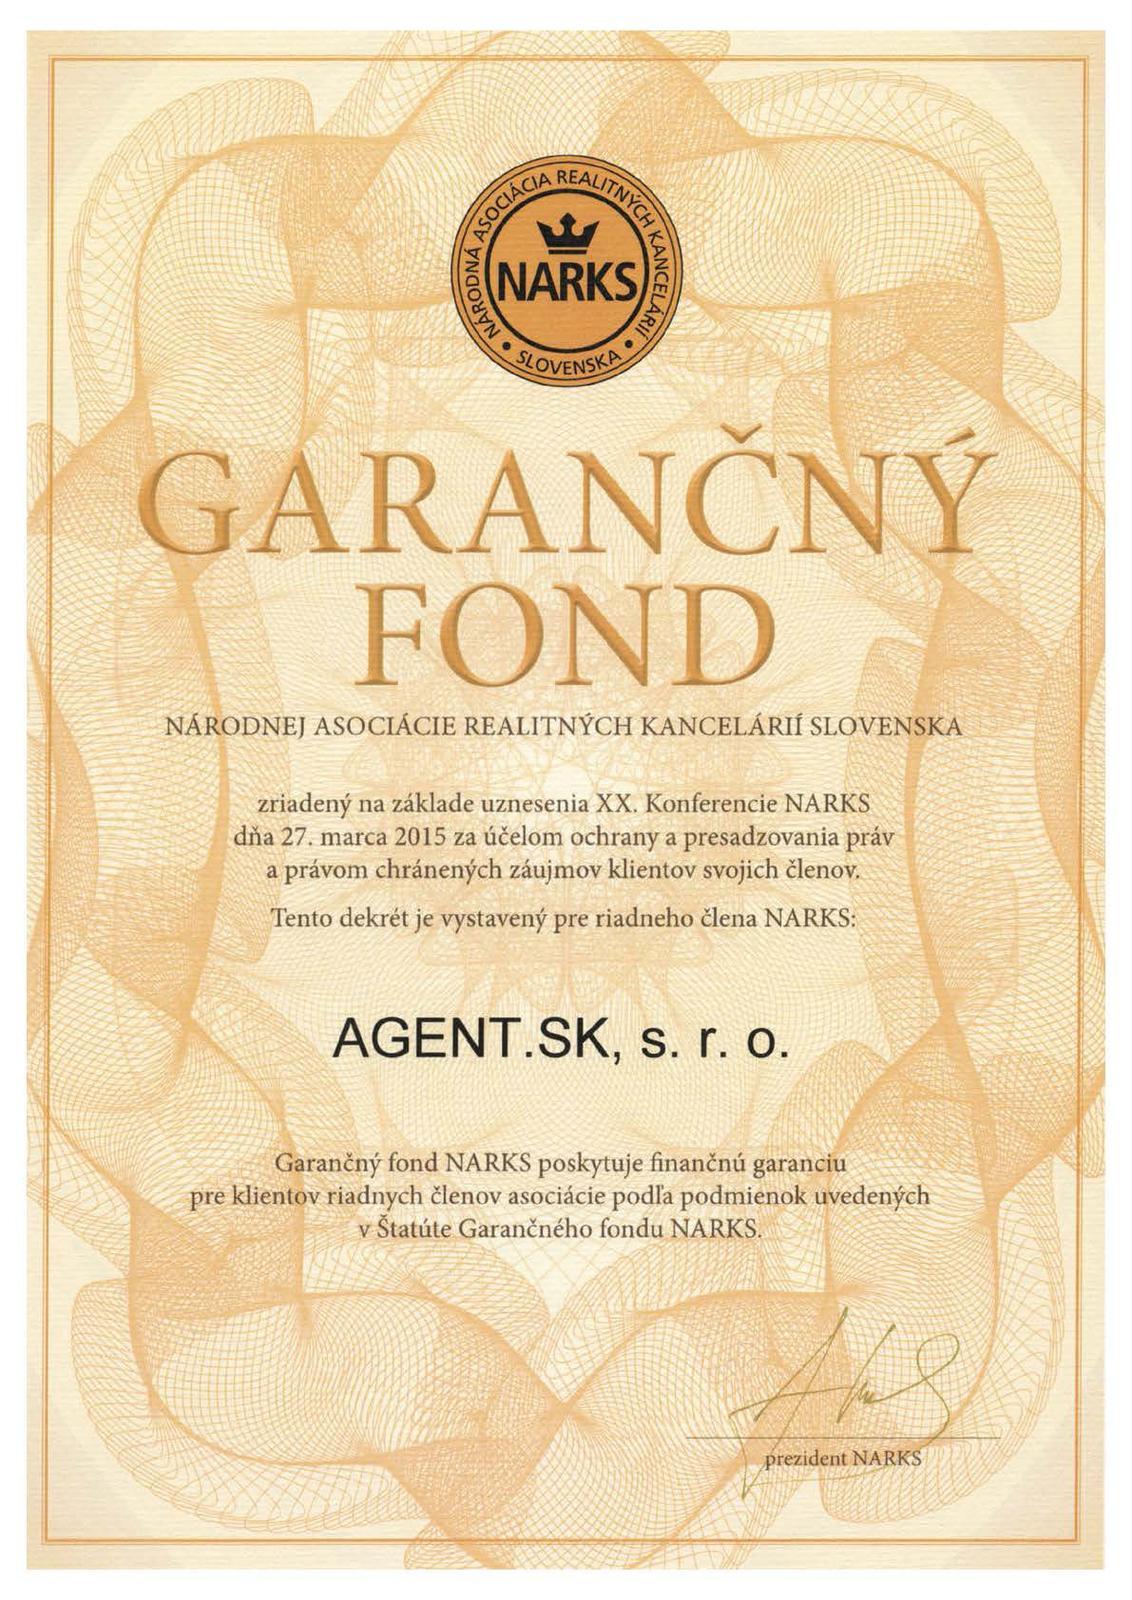 smartbrokers - AGENT.SK - Garačný fond NARKS